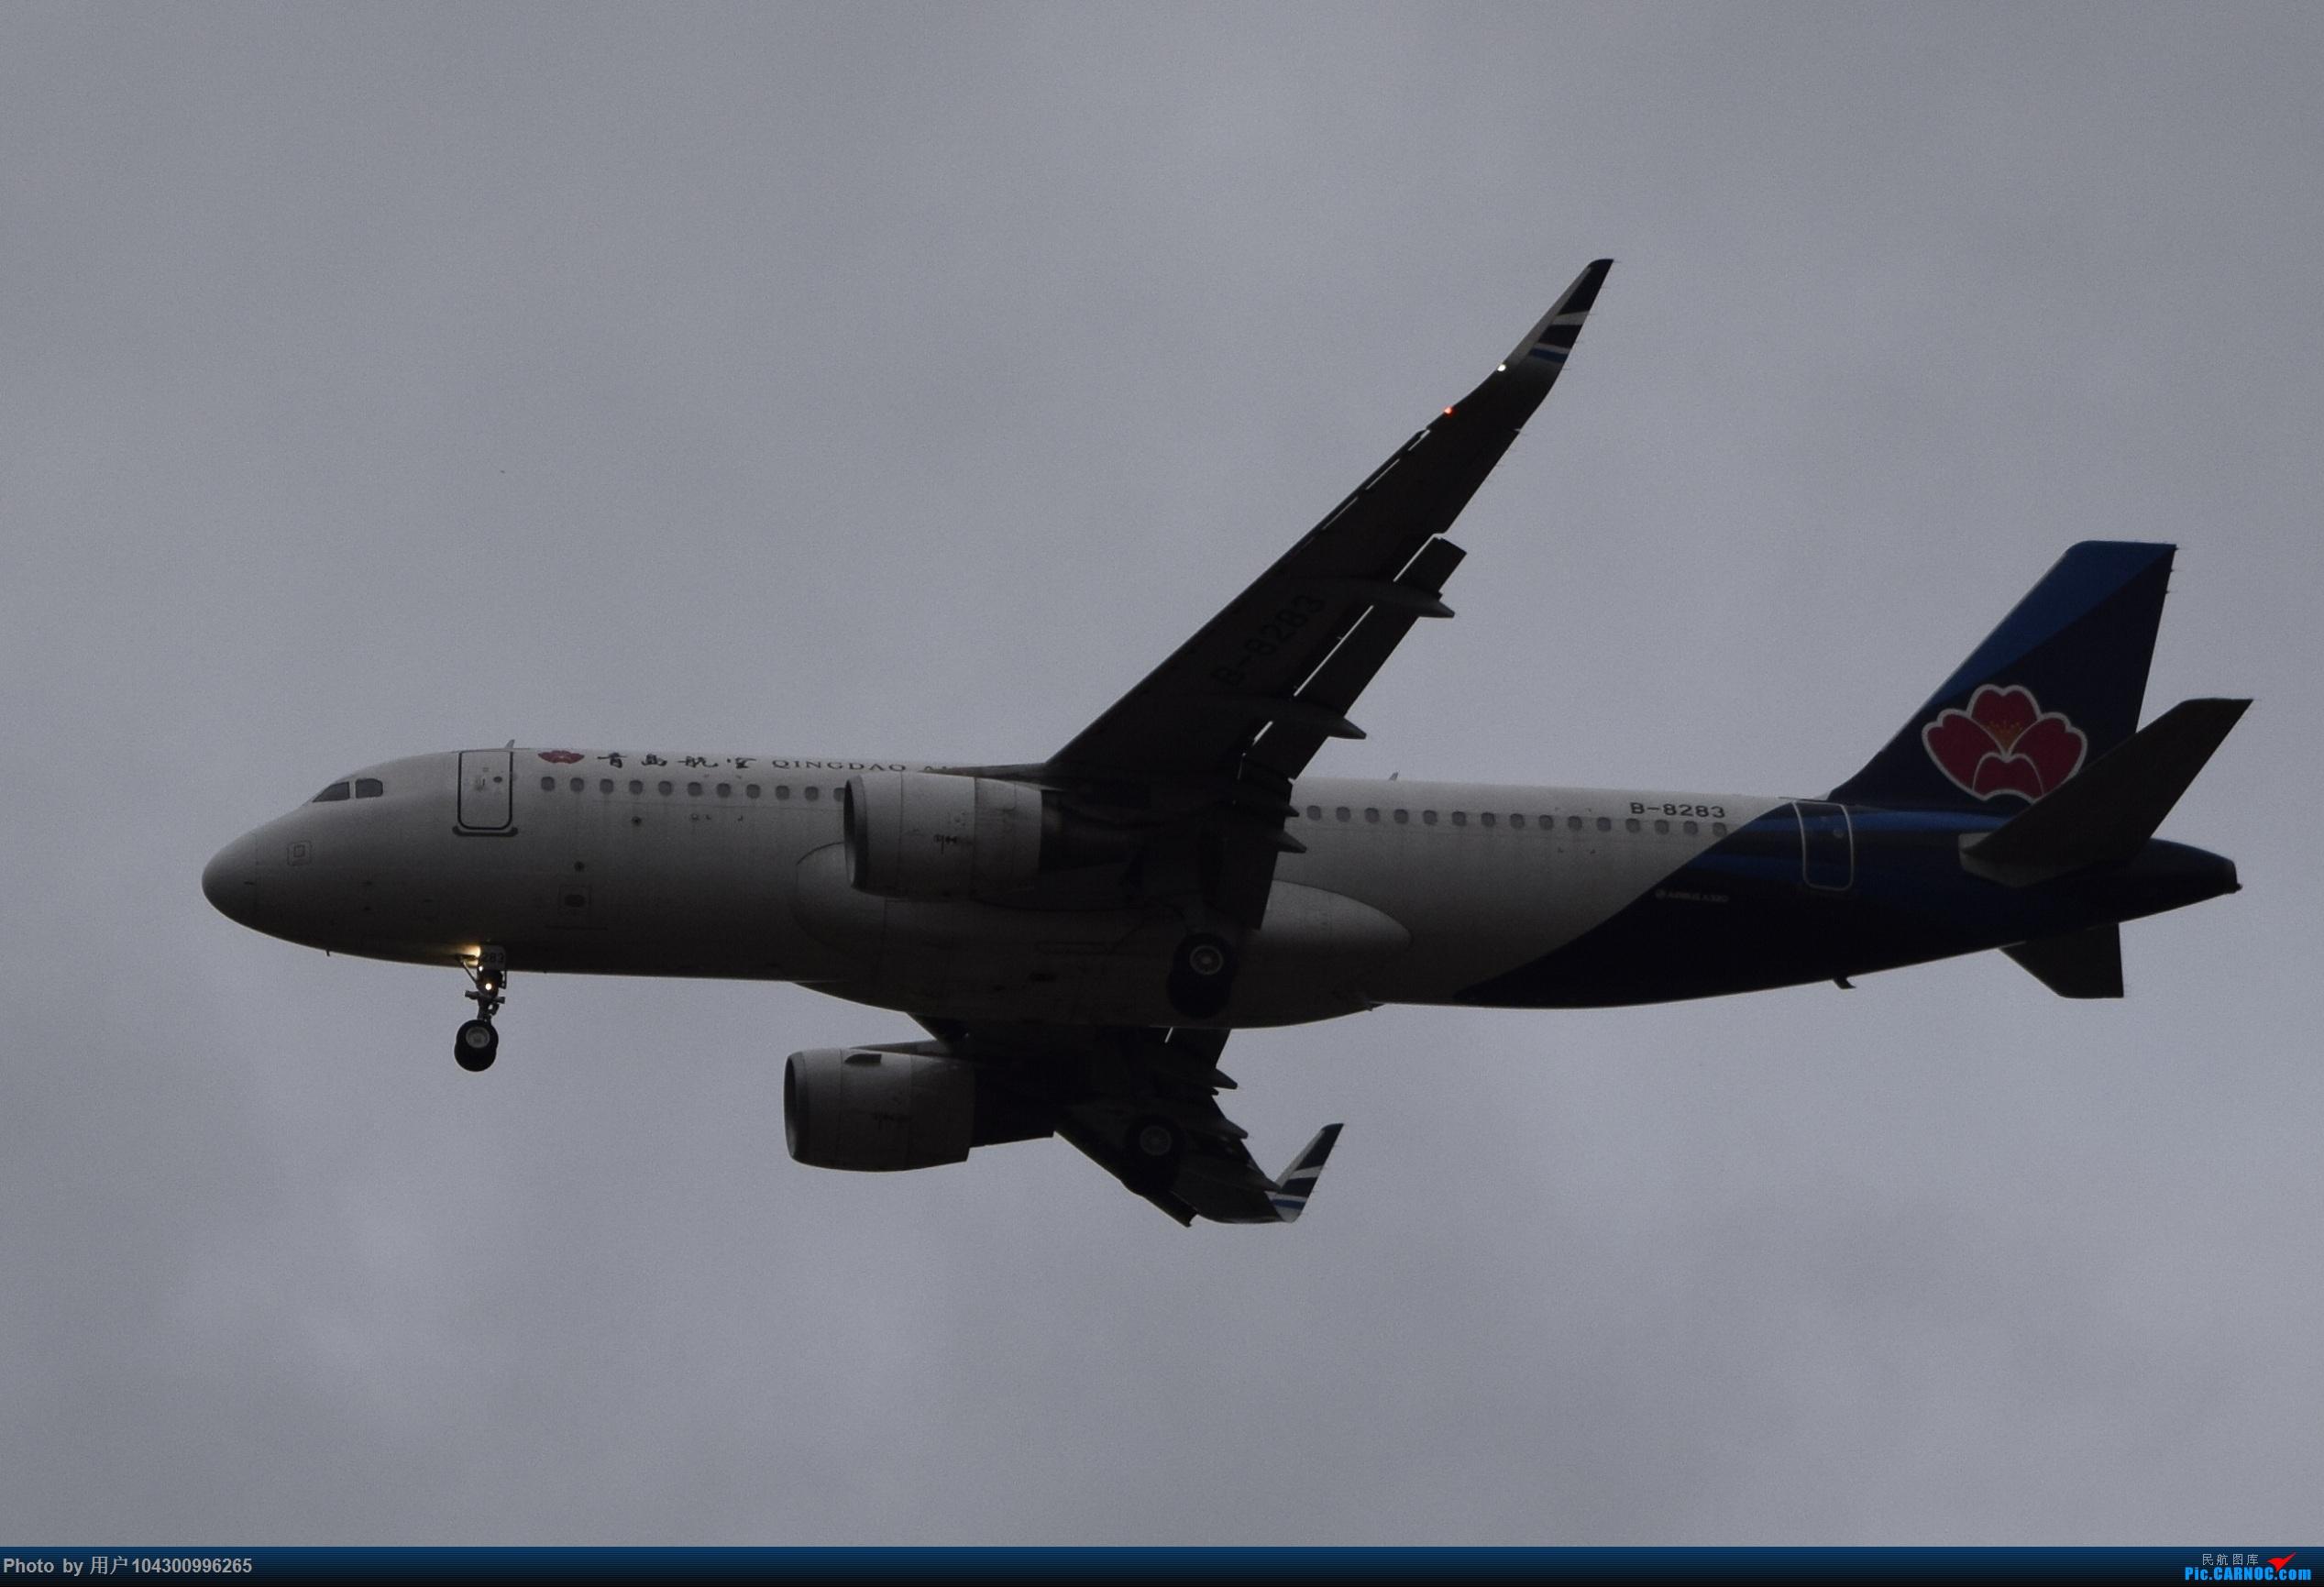 Re:[原创]乌云、雨雾之中的贵阳龙洞堡 AIRBUS A320-200 B-8283 中国贵阳龙洞堡国际机场